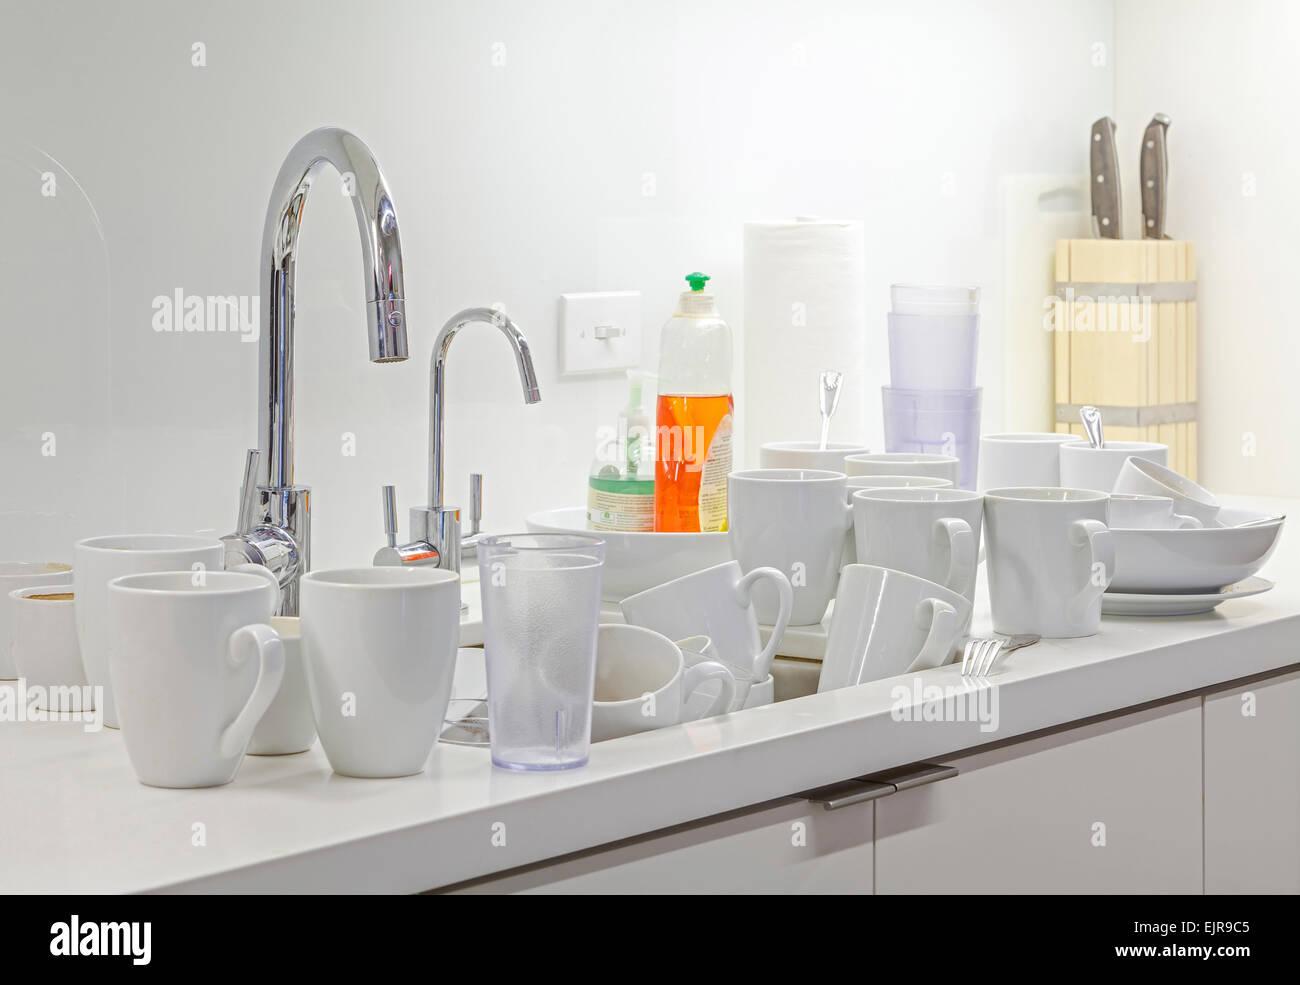 La vaisselle sale près de l'évier de cuisine Photo Stock